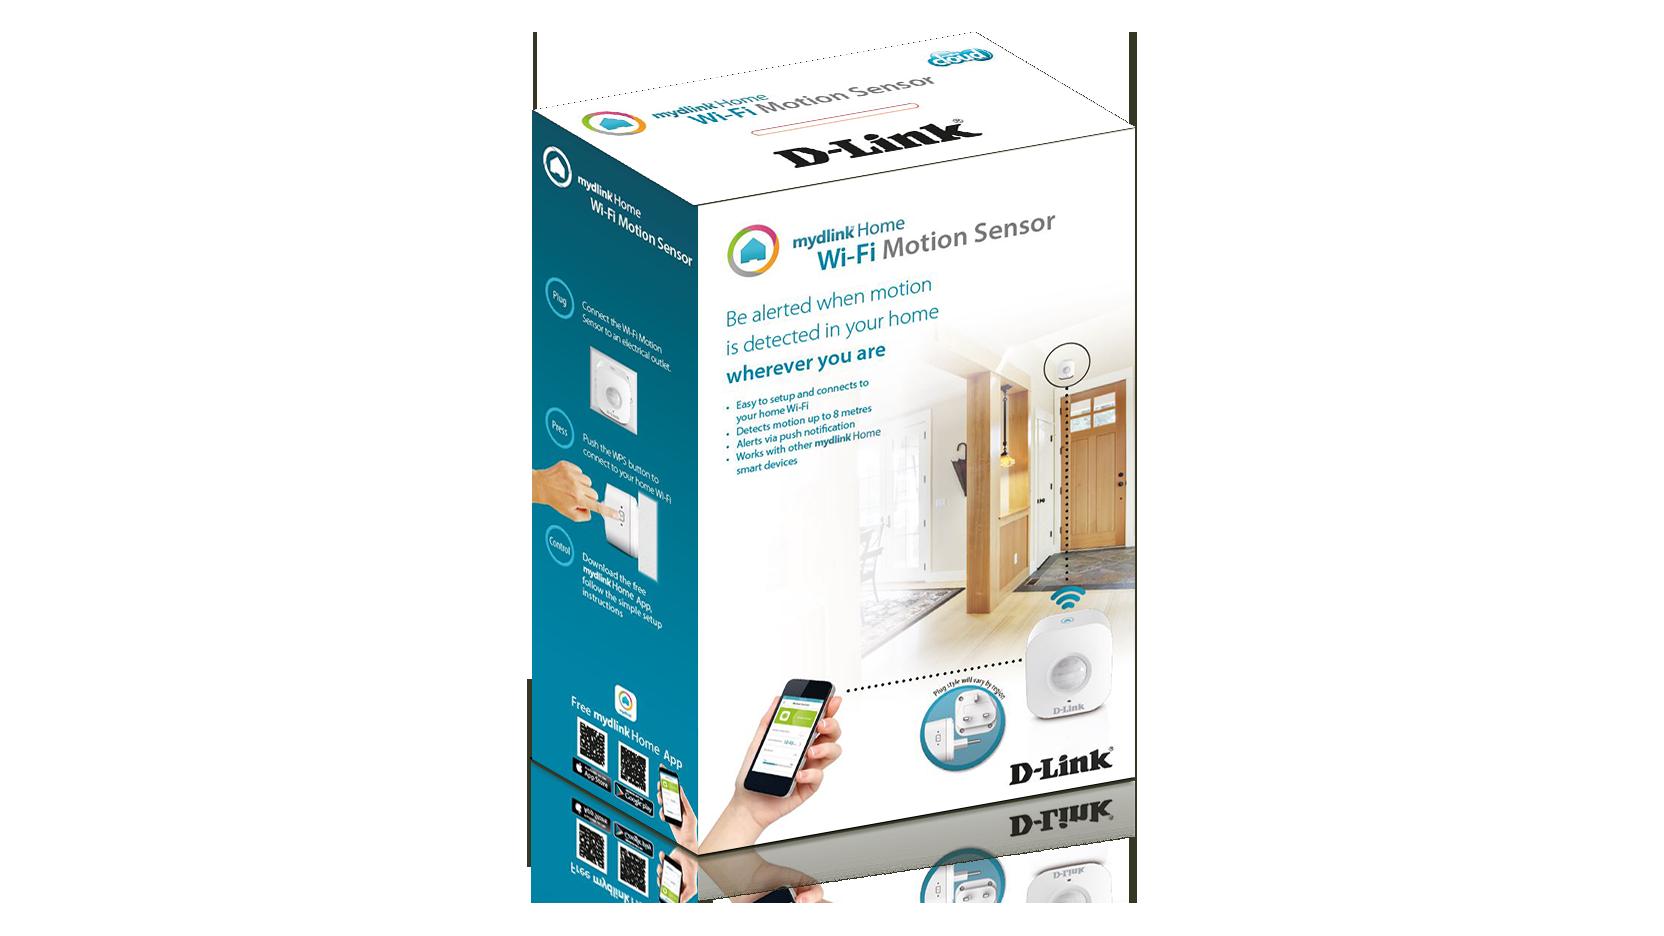 Mydlink Home Wi Fi Motion Sensor D Link Deutschland